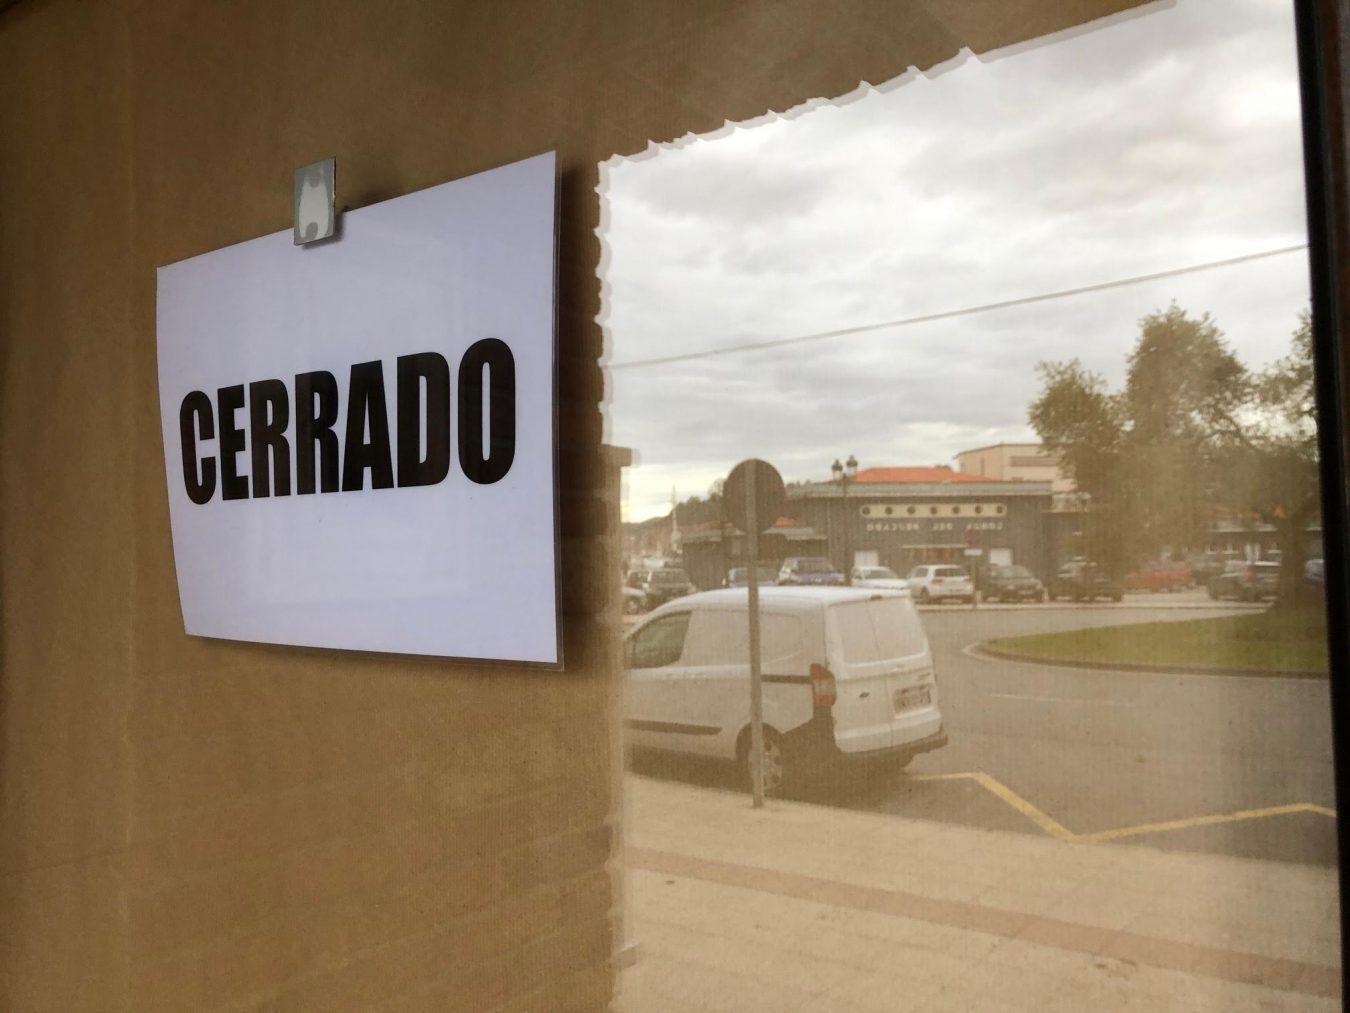 La hostelería de Ribadesella anuncia una protesta para este viernes y pide abrir en las mismas condiciones que en el verano